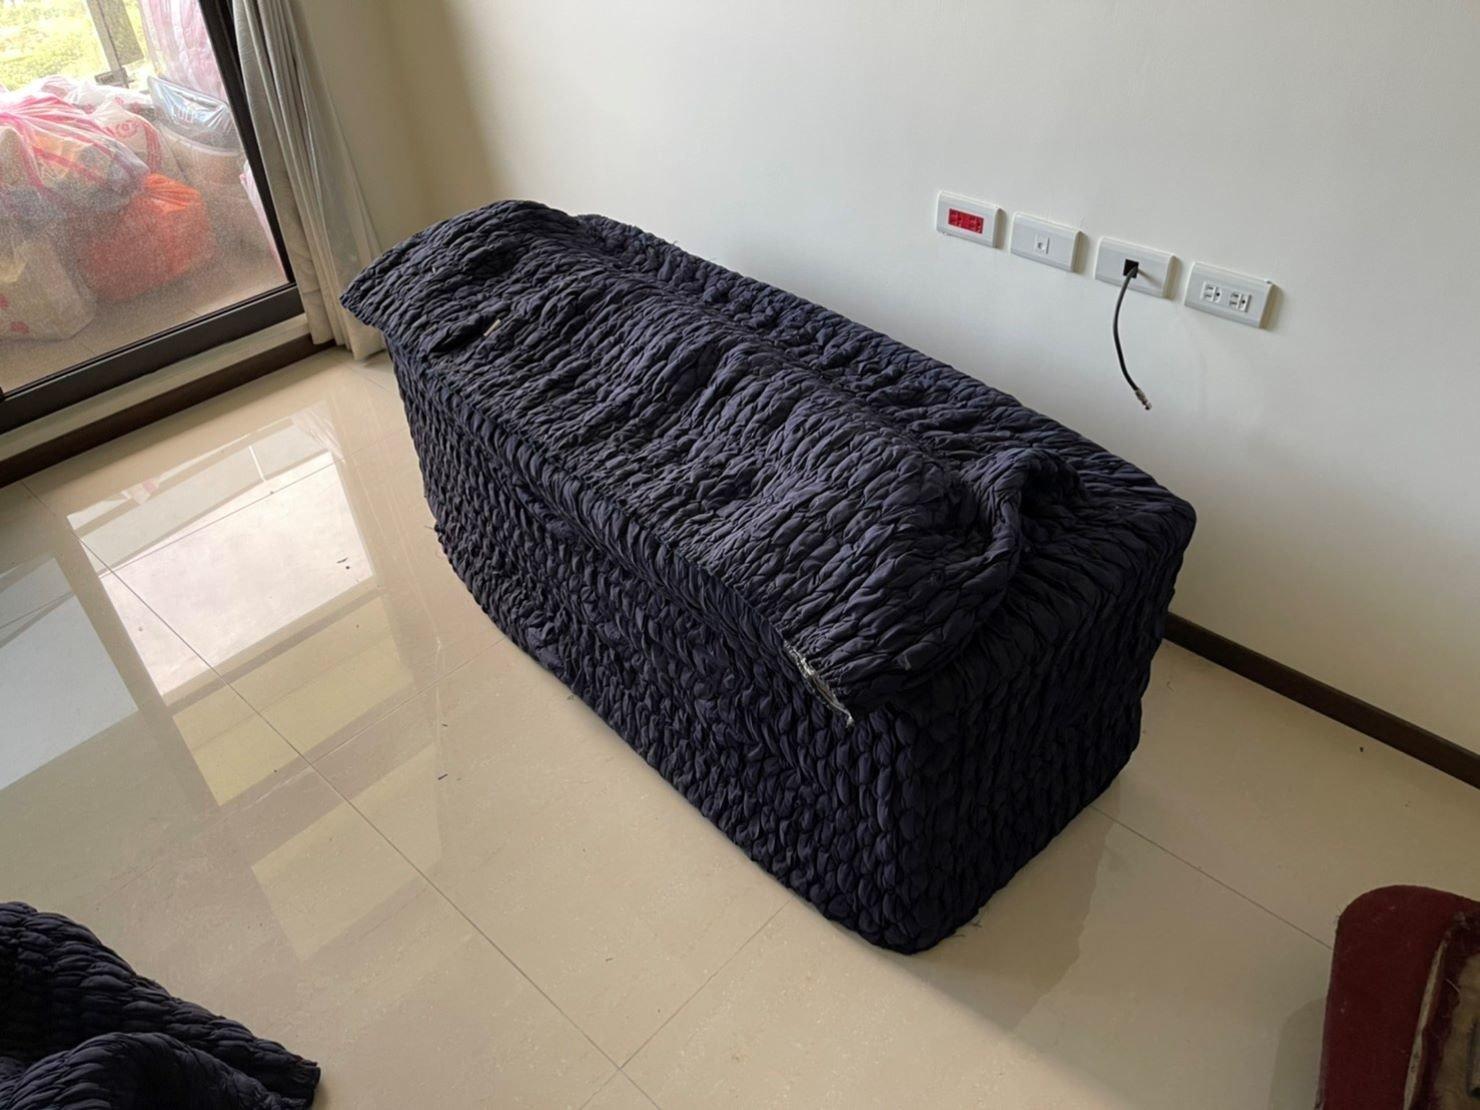 新北搬家【榮福搬家】搬家首選、台北搬家推薦:搬木製電視櫃-以日式伸縮保護布套將電視櫃包袱,避免搬運過程中碰撞、摩擦受損。